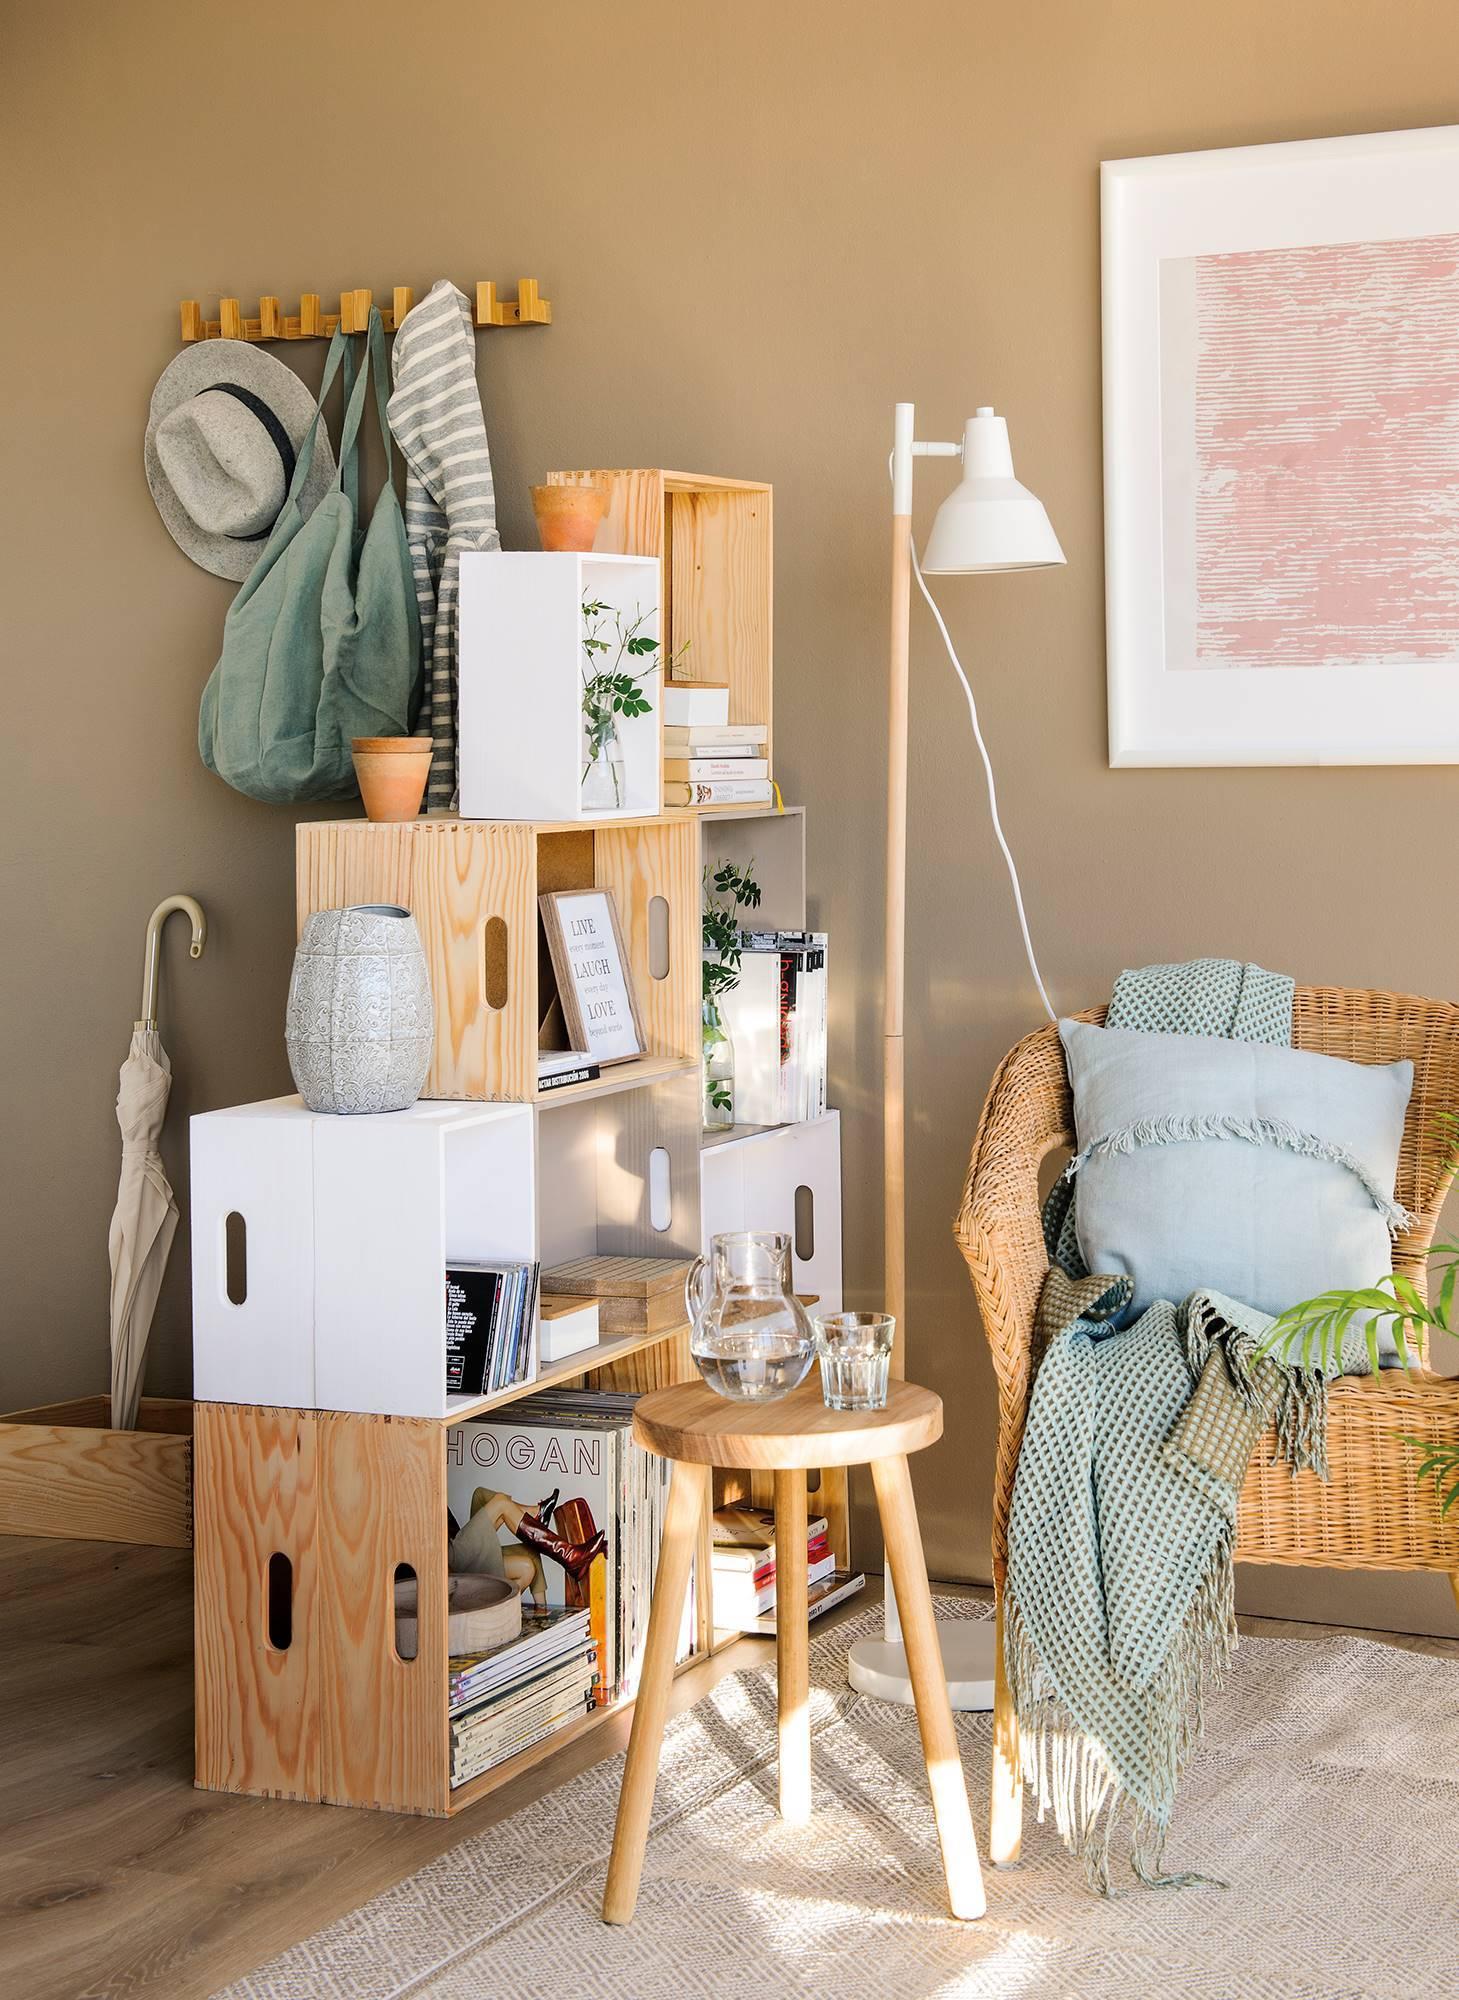 50 ideas diy para decorar tu casa con poco dinero - Estanterias en madera ...